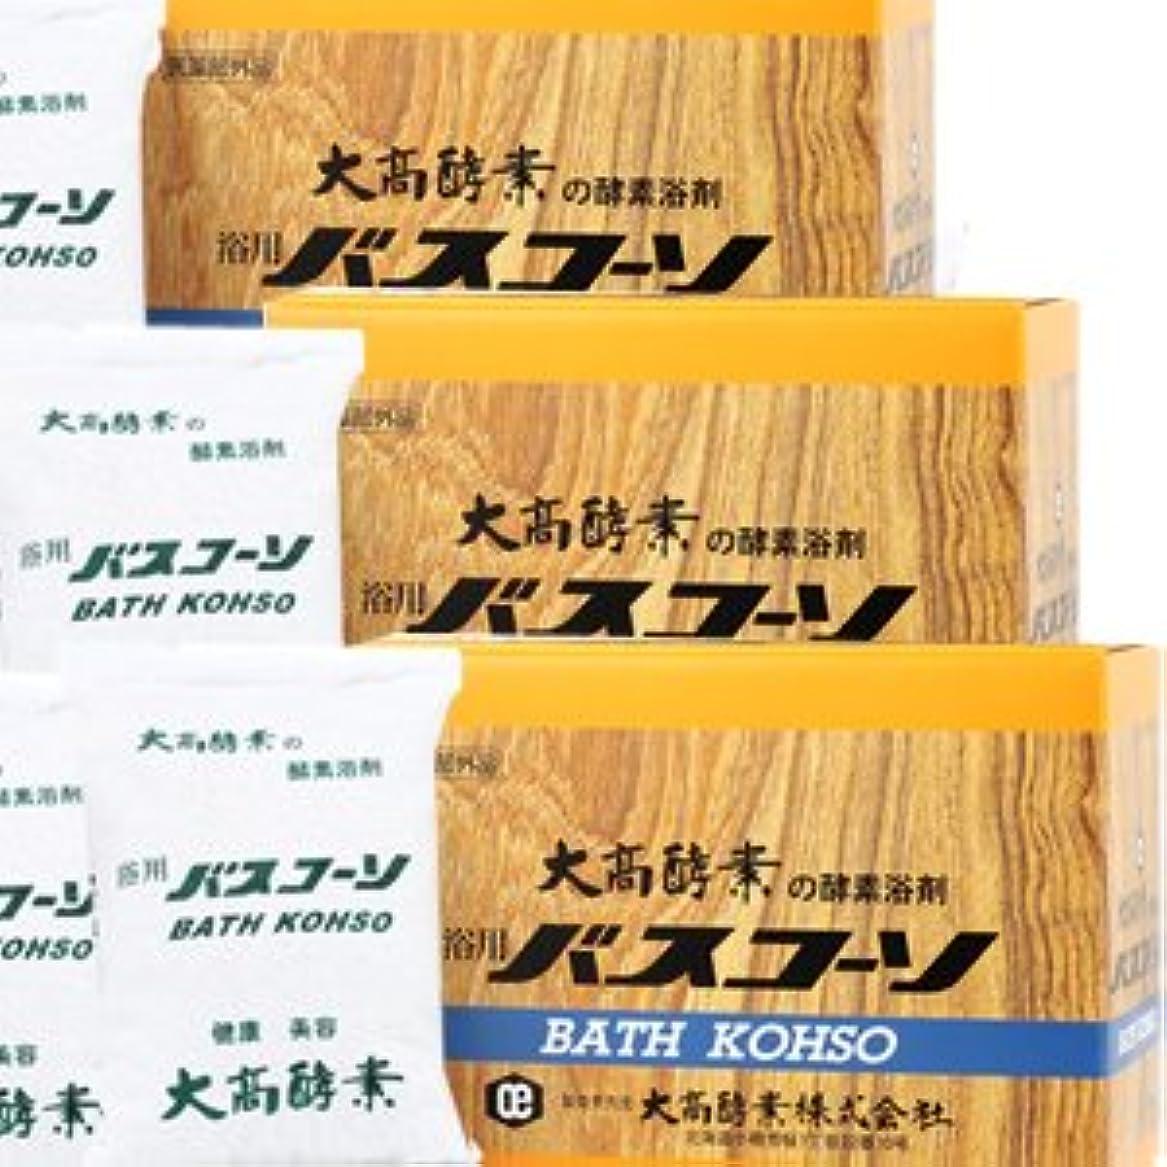 ロマンチック教えアマチュア【3個】 大高酵素 バスコーソ酵素入浴剤(100g×6袋)x3個 4971578001095